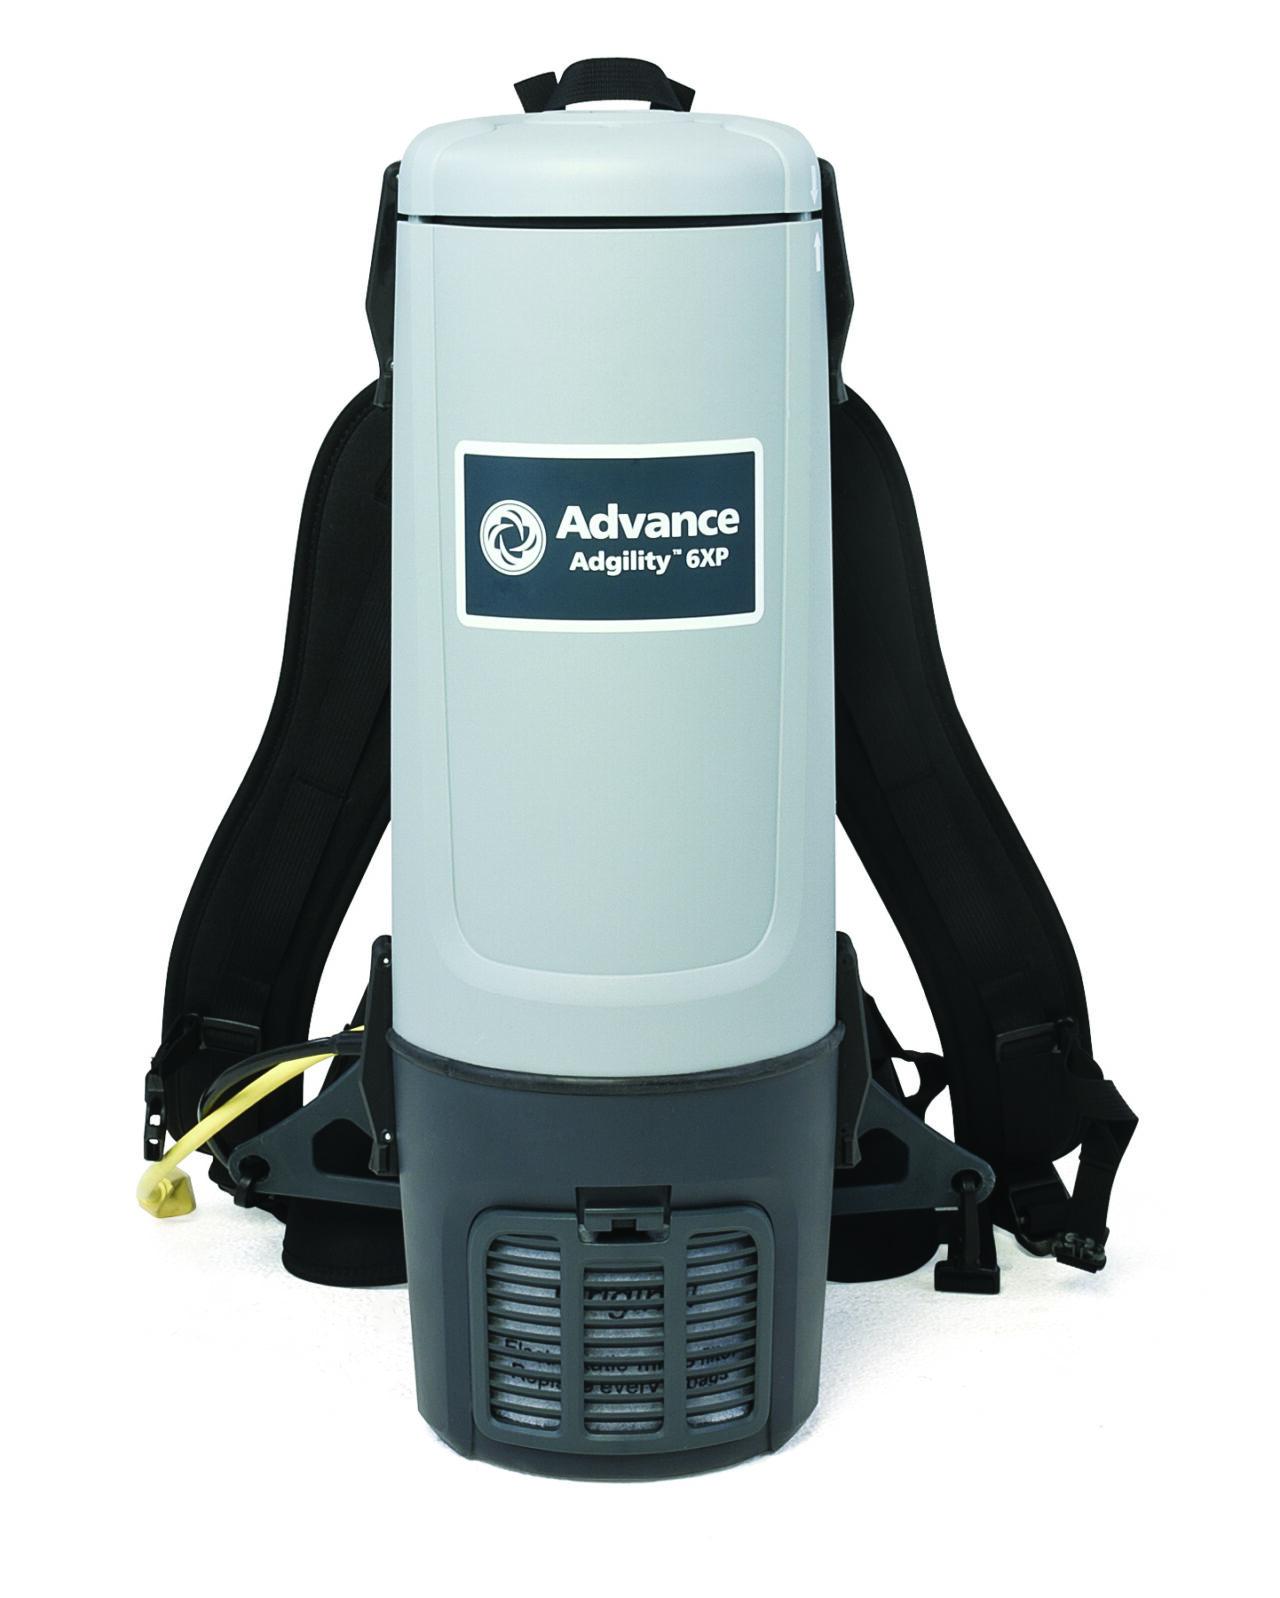 Aspirateur Adgility 6XP/10XP